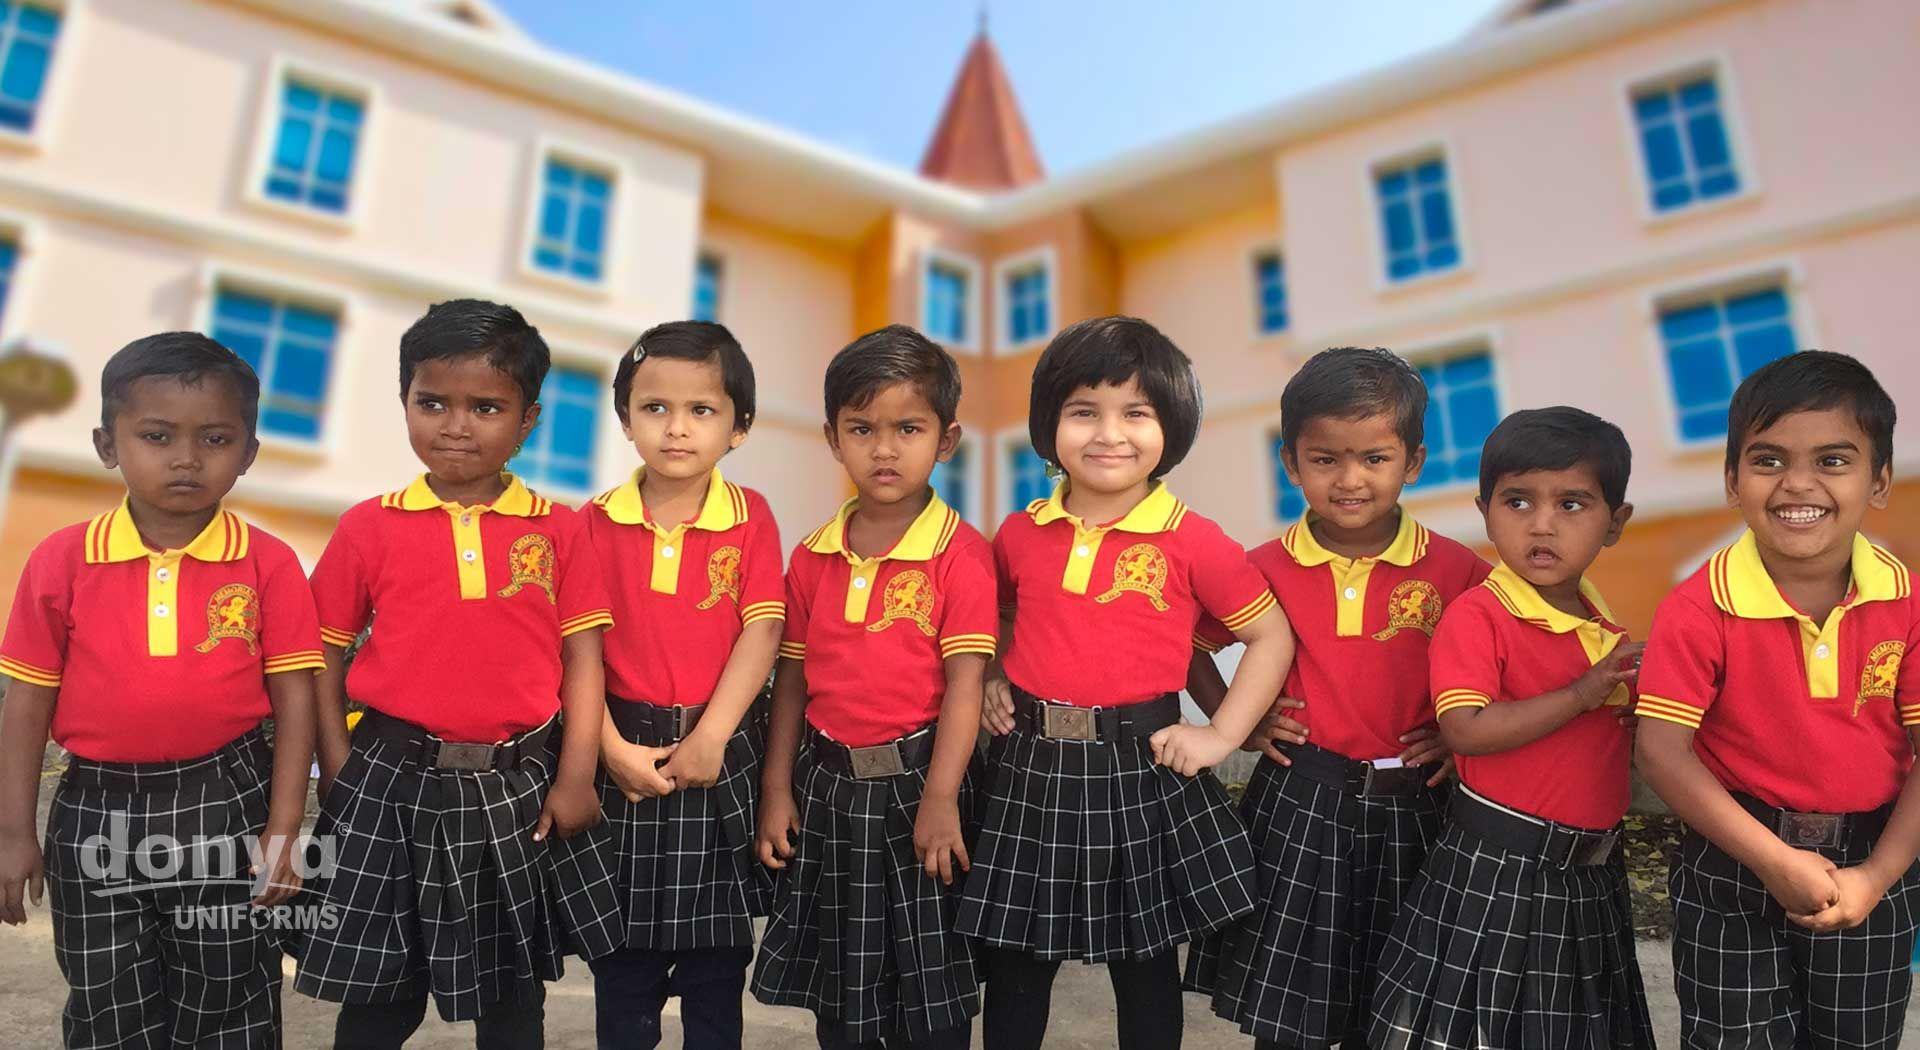 Girls School Skirt Girls School Skirts School Uniform Customised Uniform